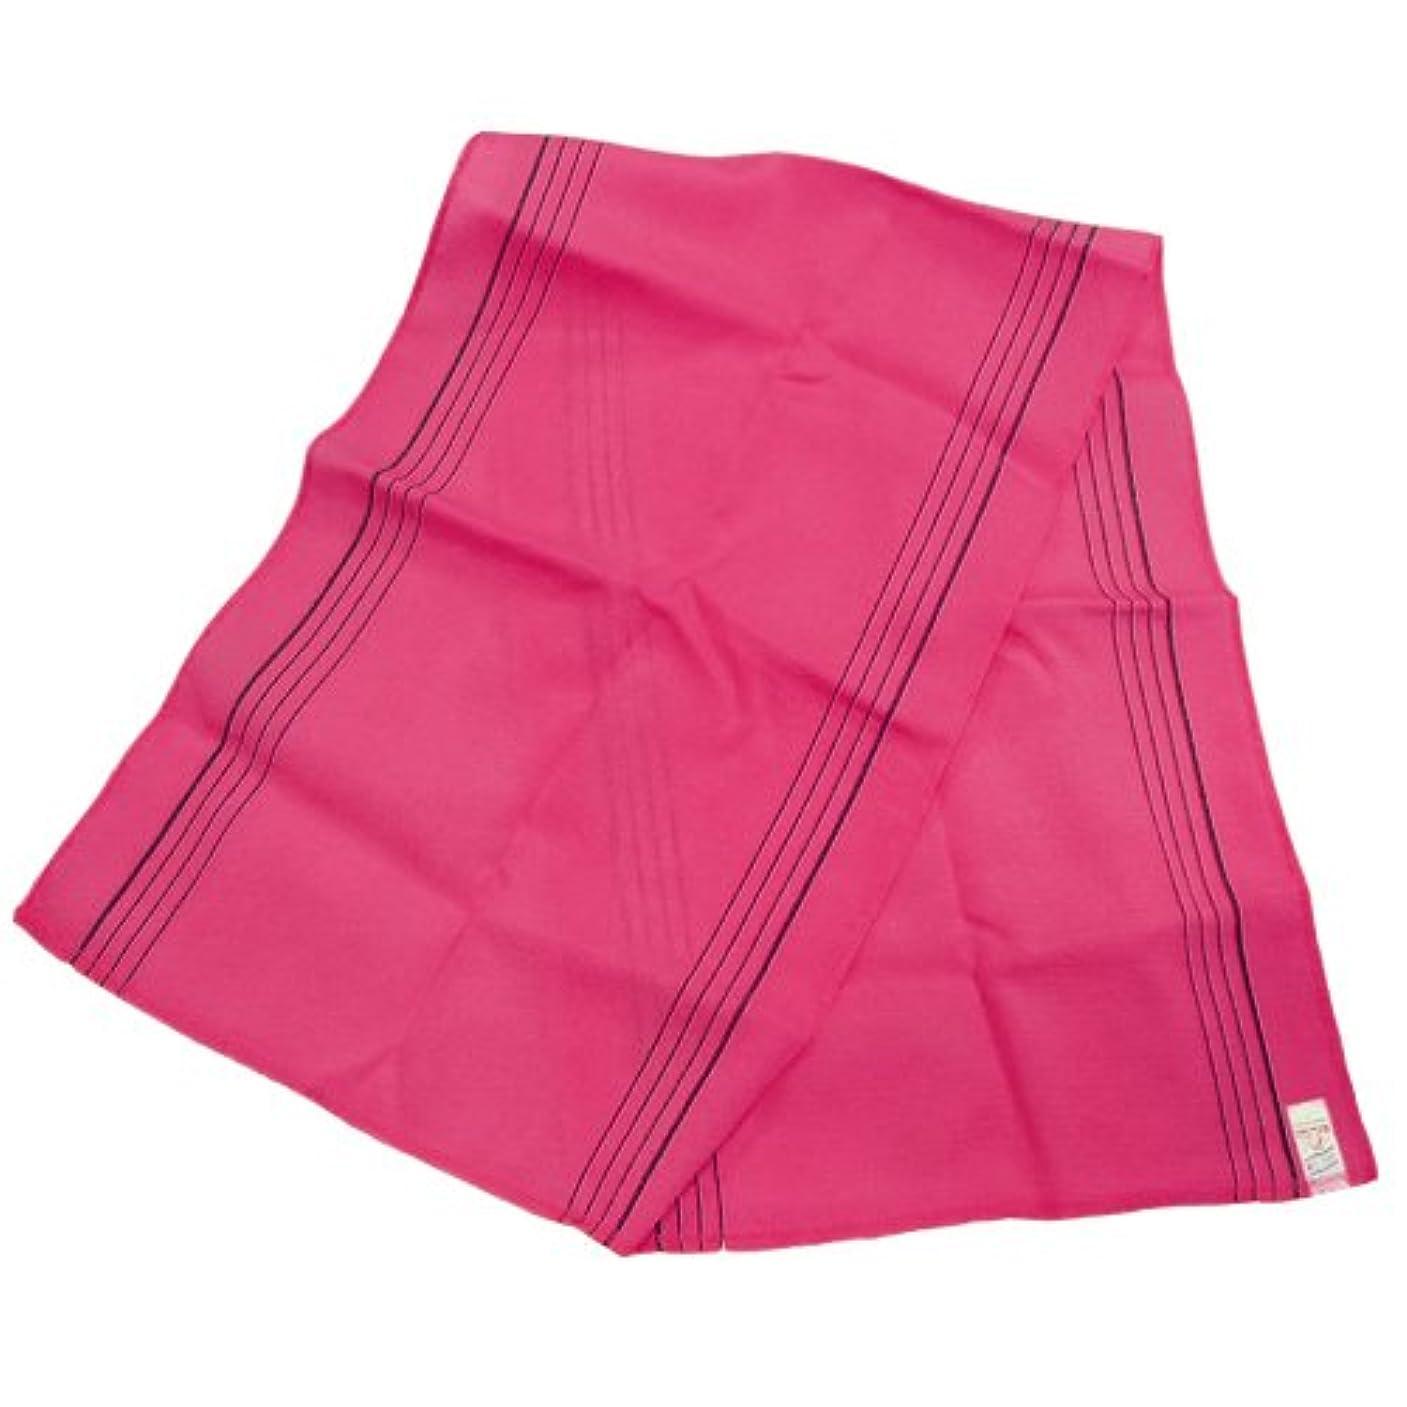 豊富な着服征服するノーブランド品 韓国あかすり ロング タオル(ピンク)